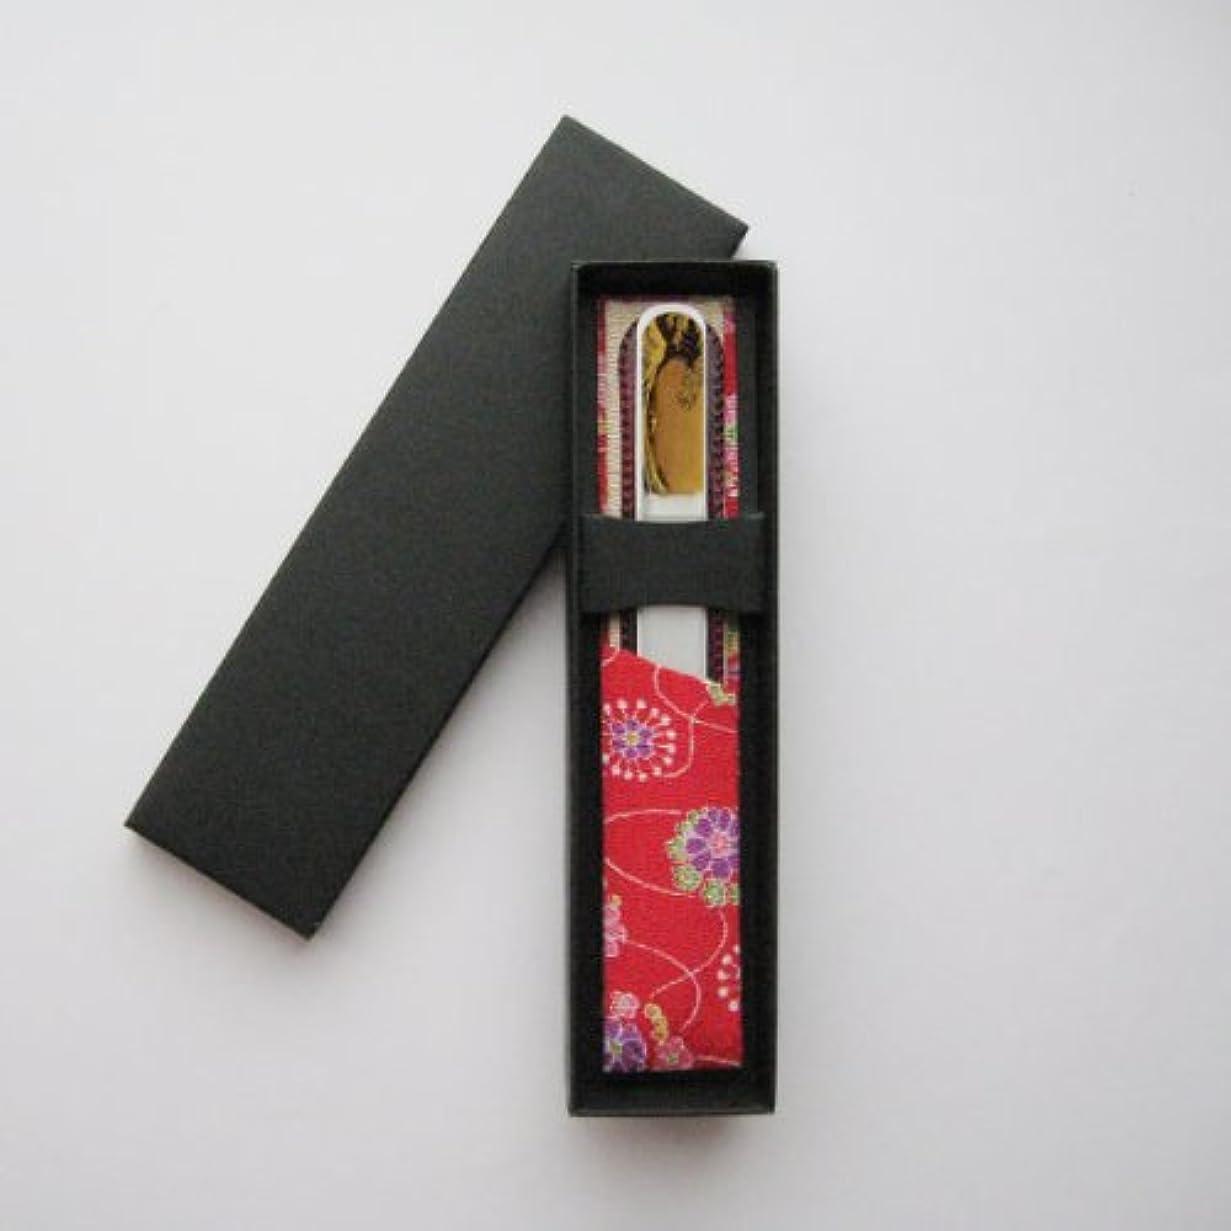 安定したいうシーケンス橋本漆芸 ブラジェク製高級爪ヤスリ 特殊プリント加工 波裏 紙箱